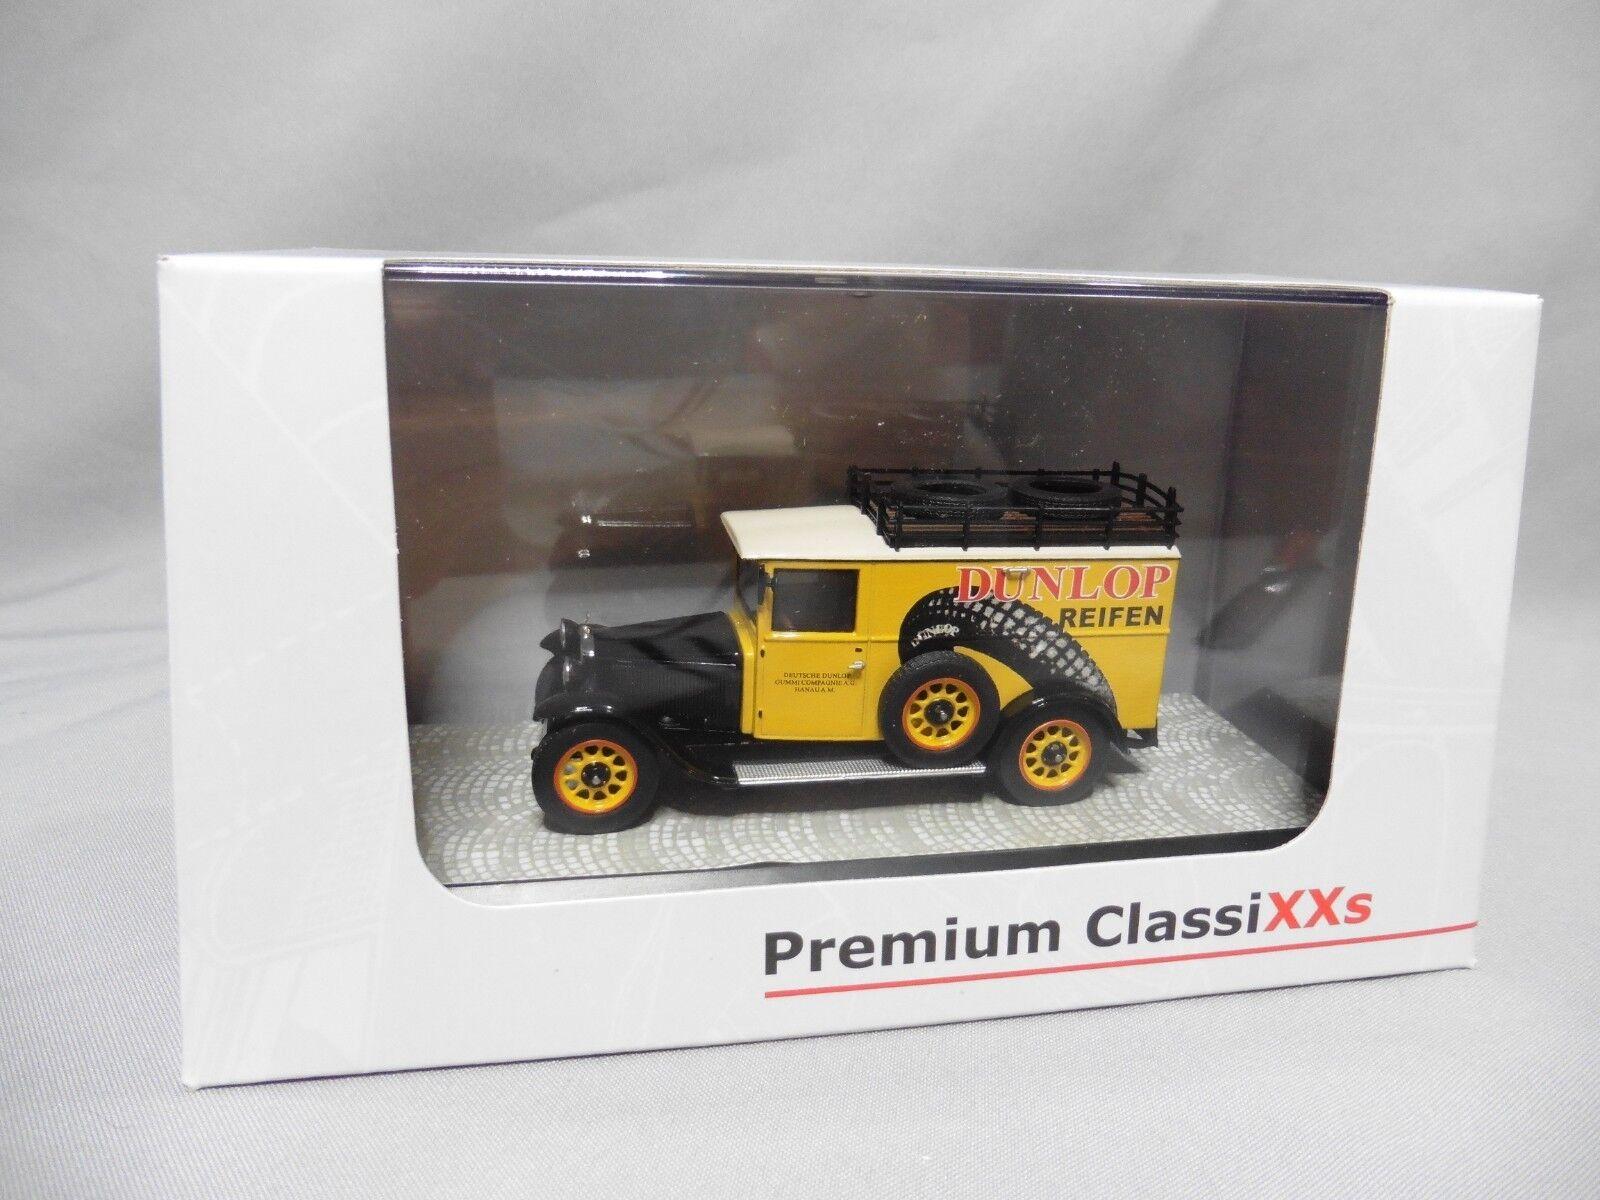 Dv8671 premium classixxs mercedes-Benz l1000 dunlop ed limitee 500 11153